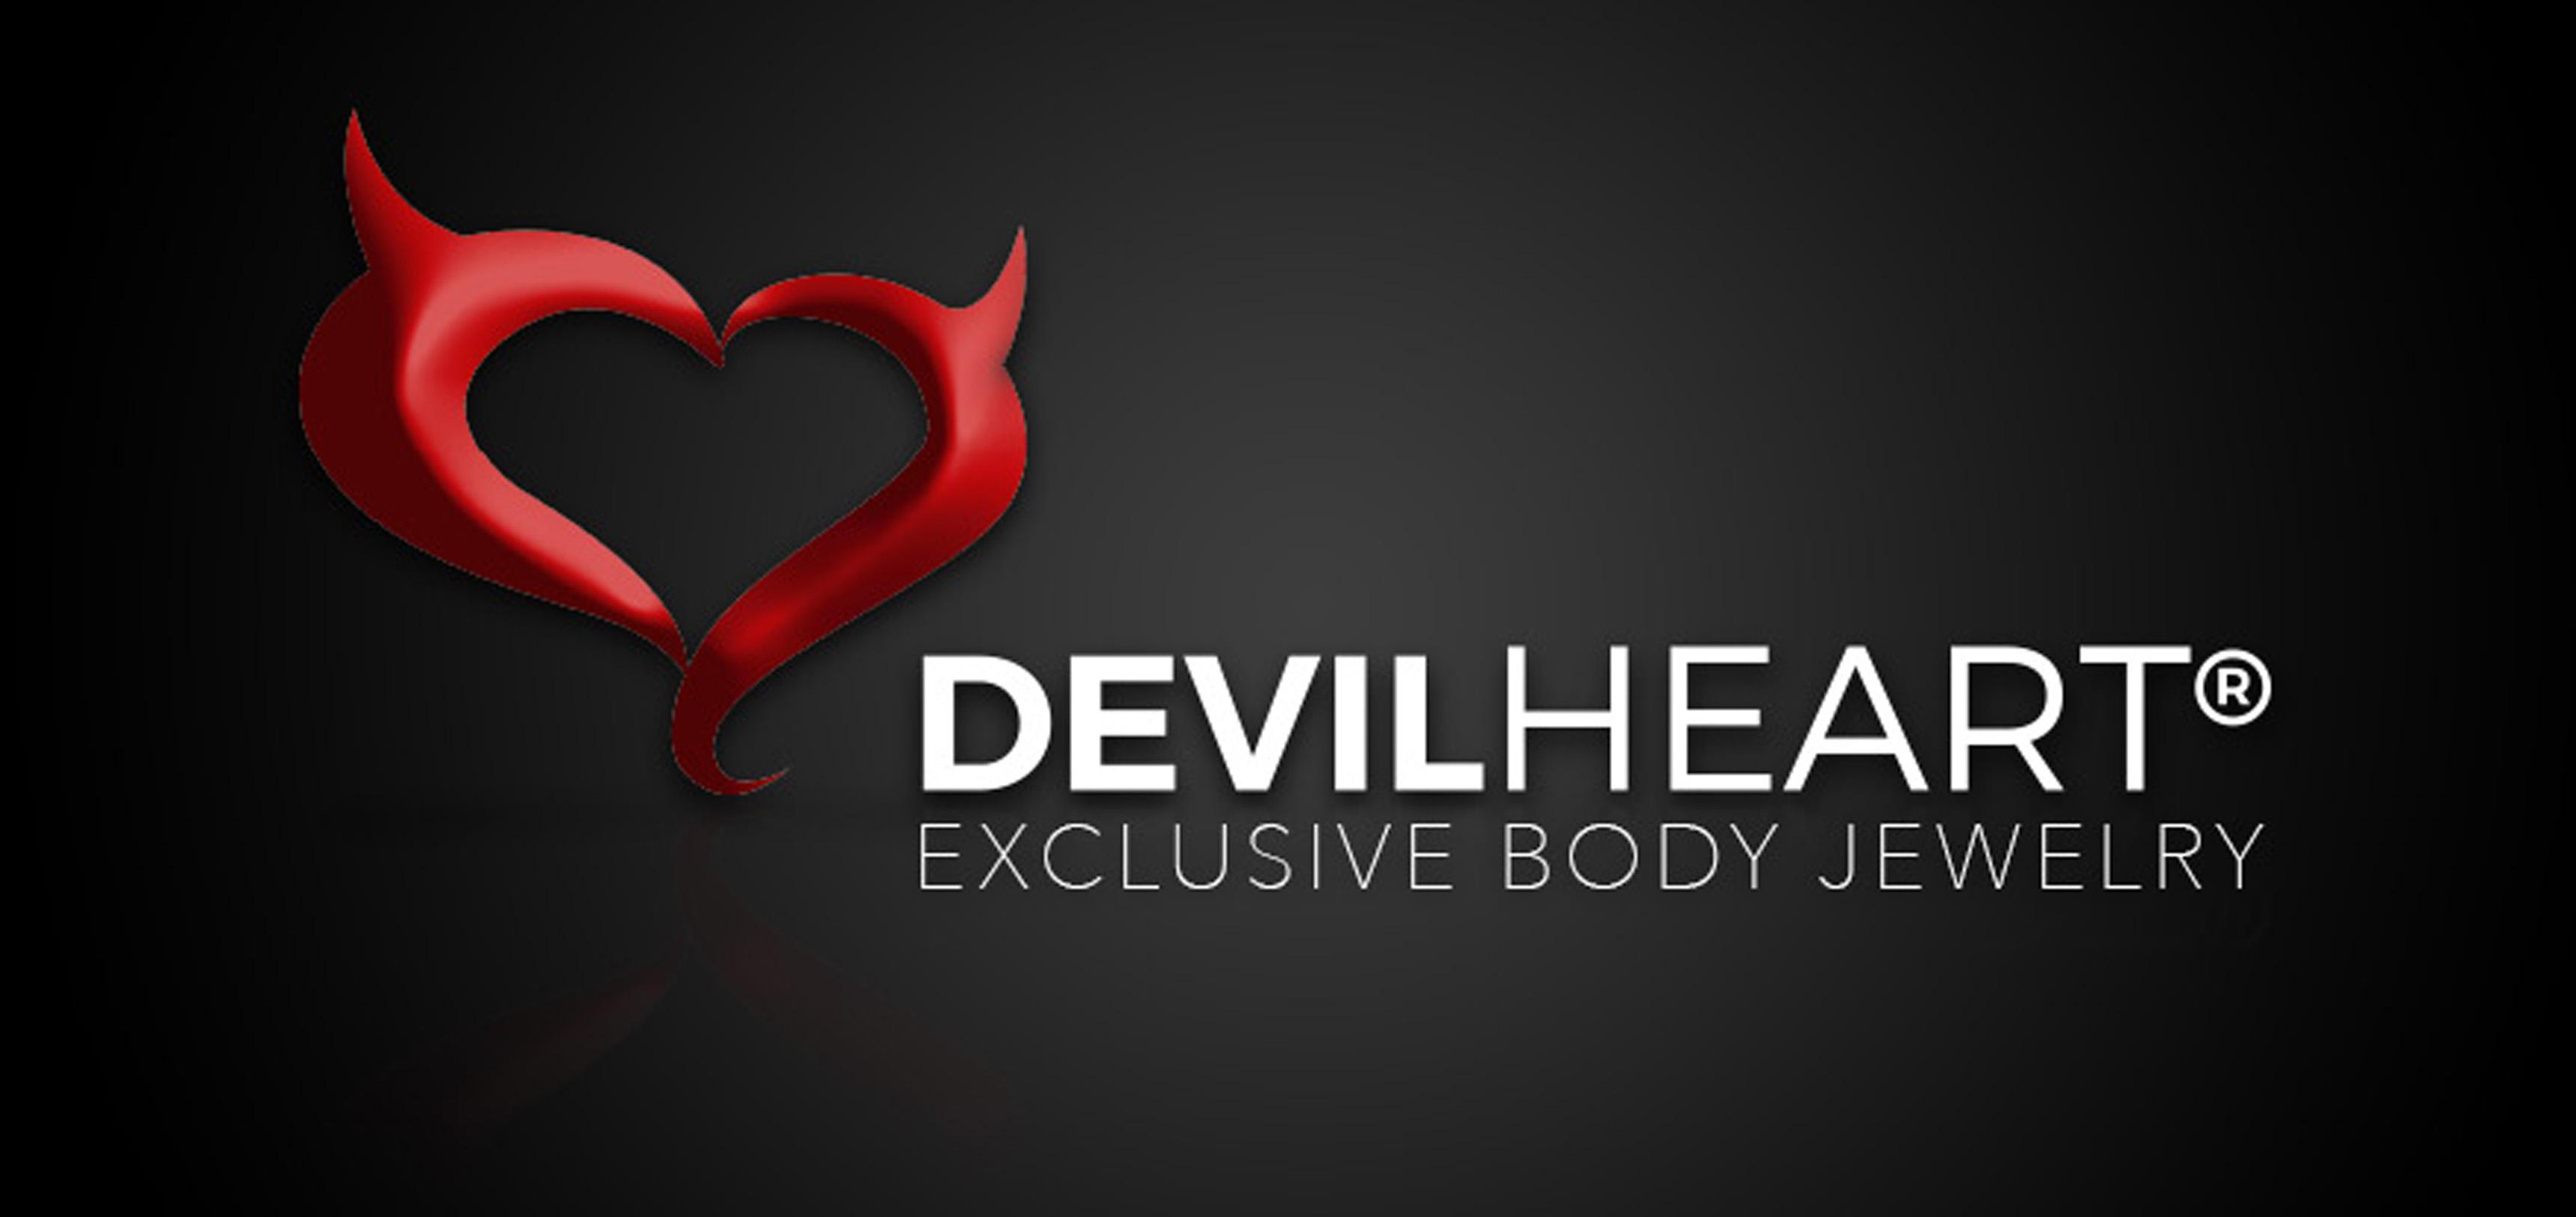 Devilheart